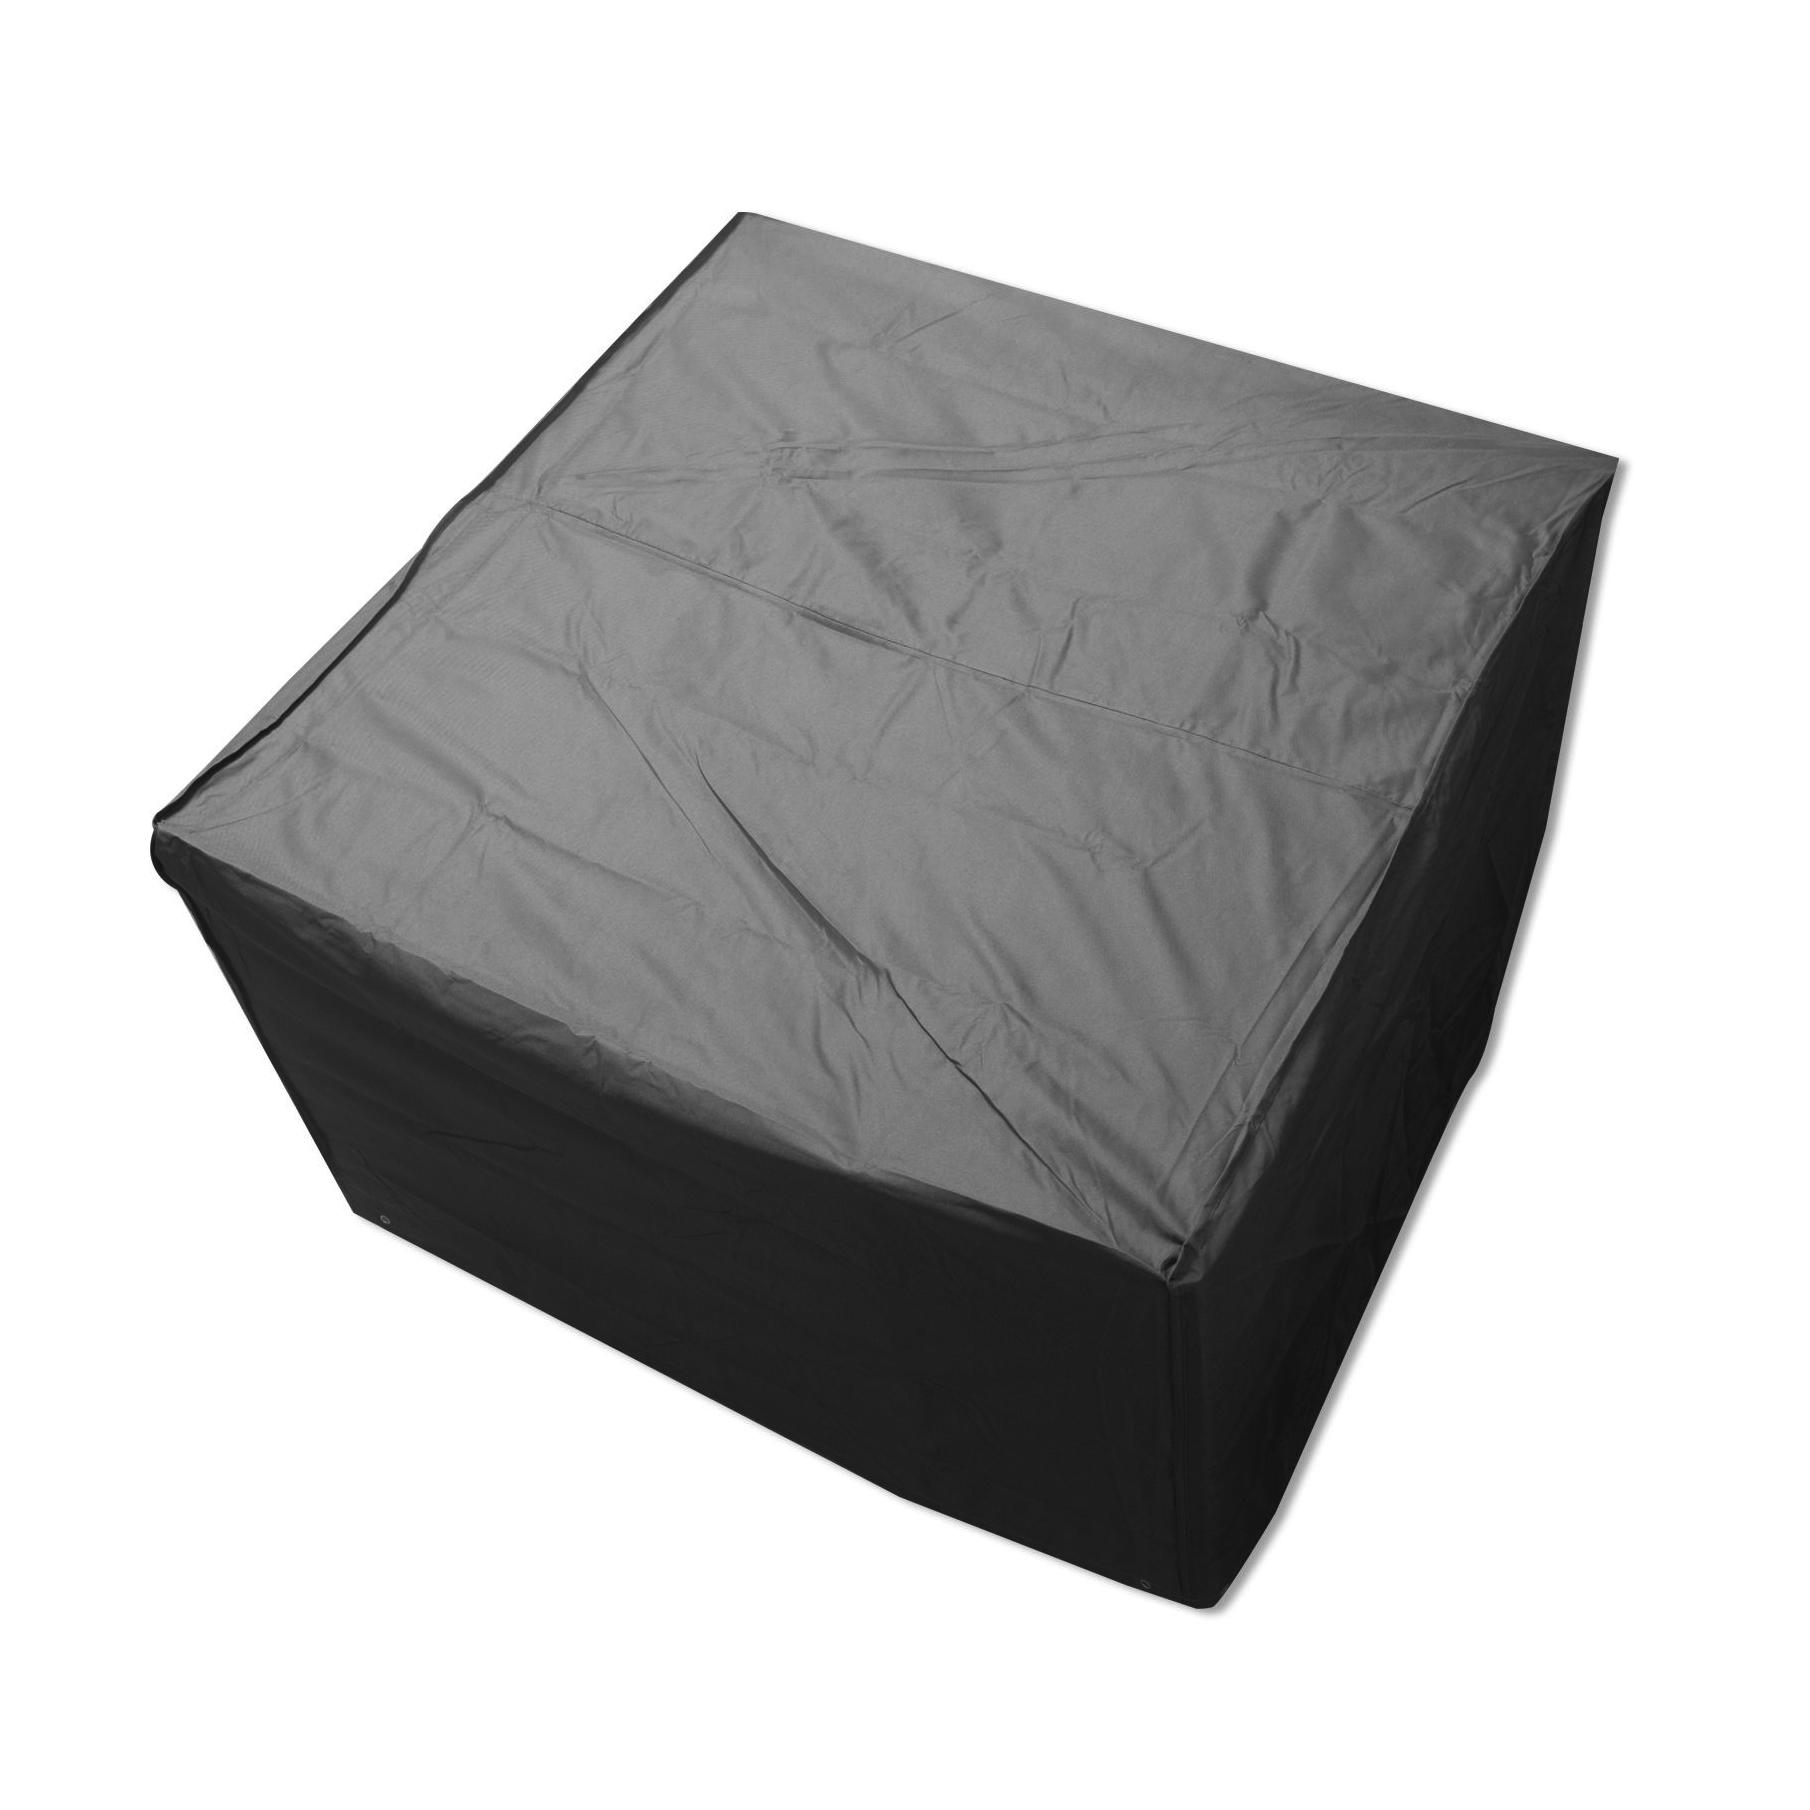 schutzh lle schutz plane f r gartenm bel garten schirm bank tisch abdeckung de ebay. Black Bedroom Furniture Sets. Home Design Ideas